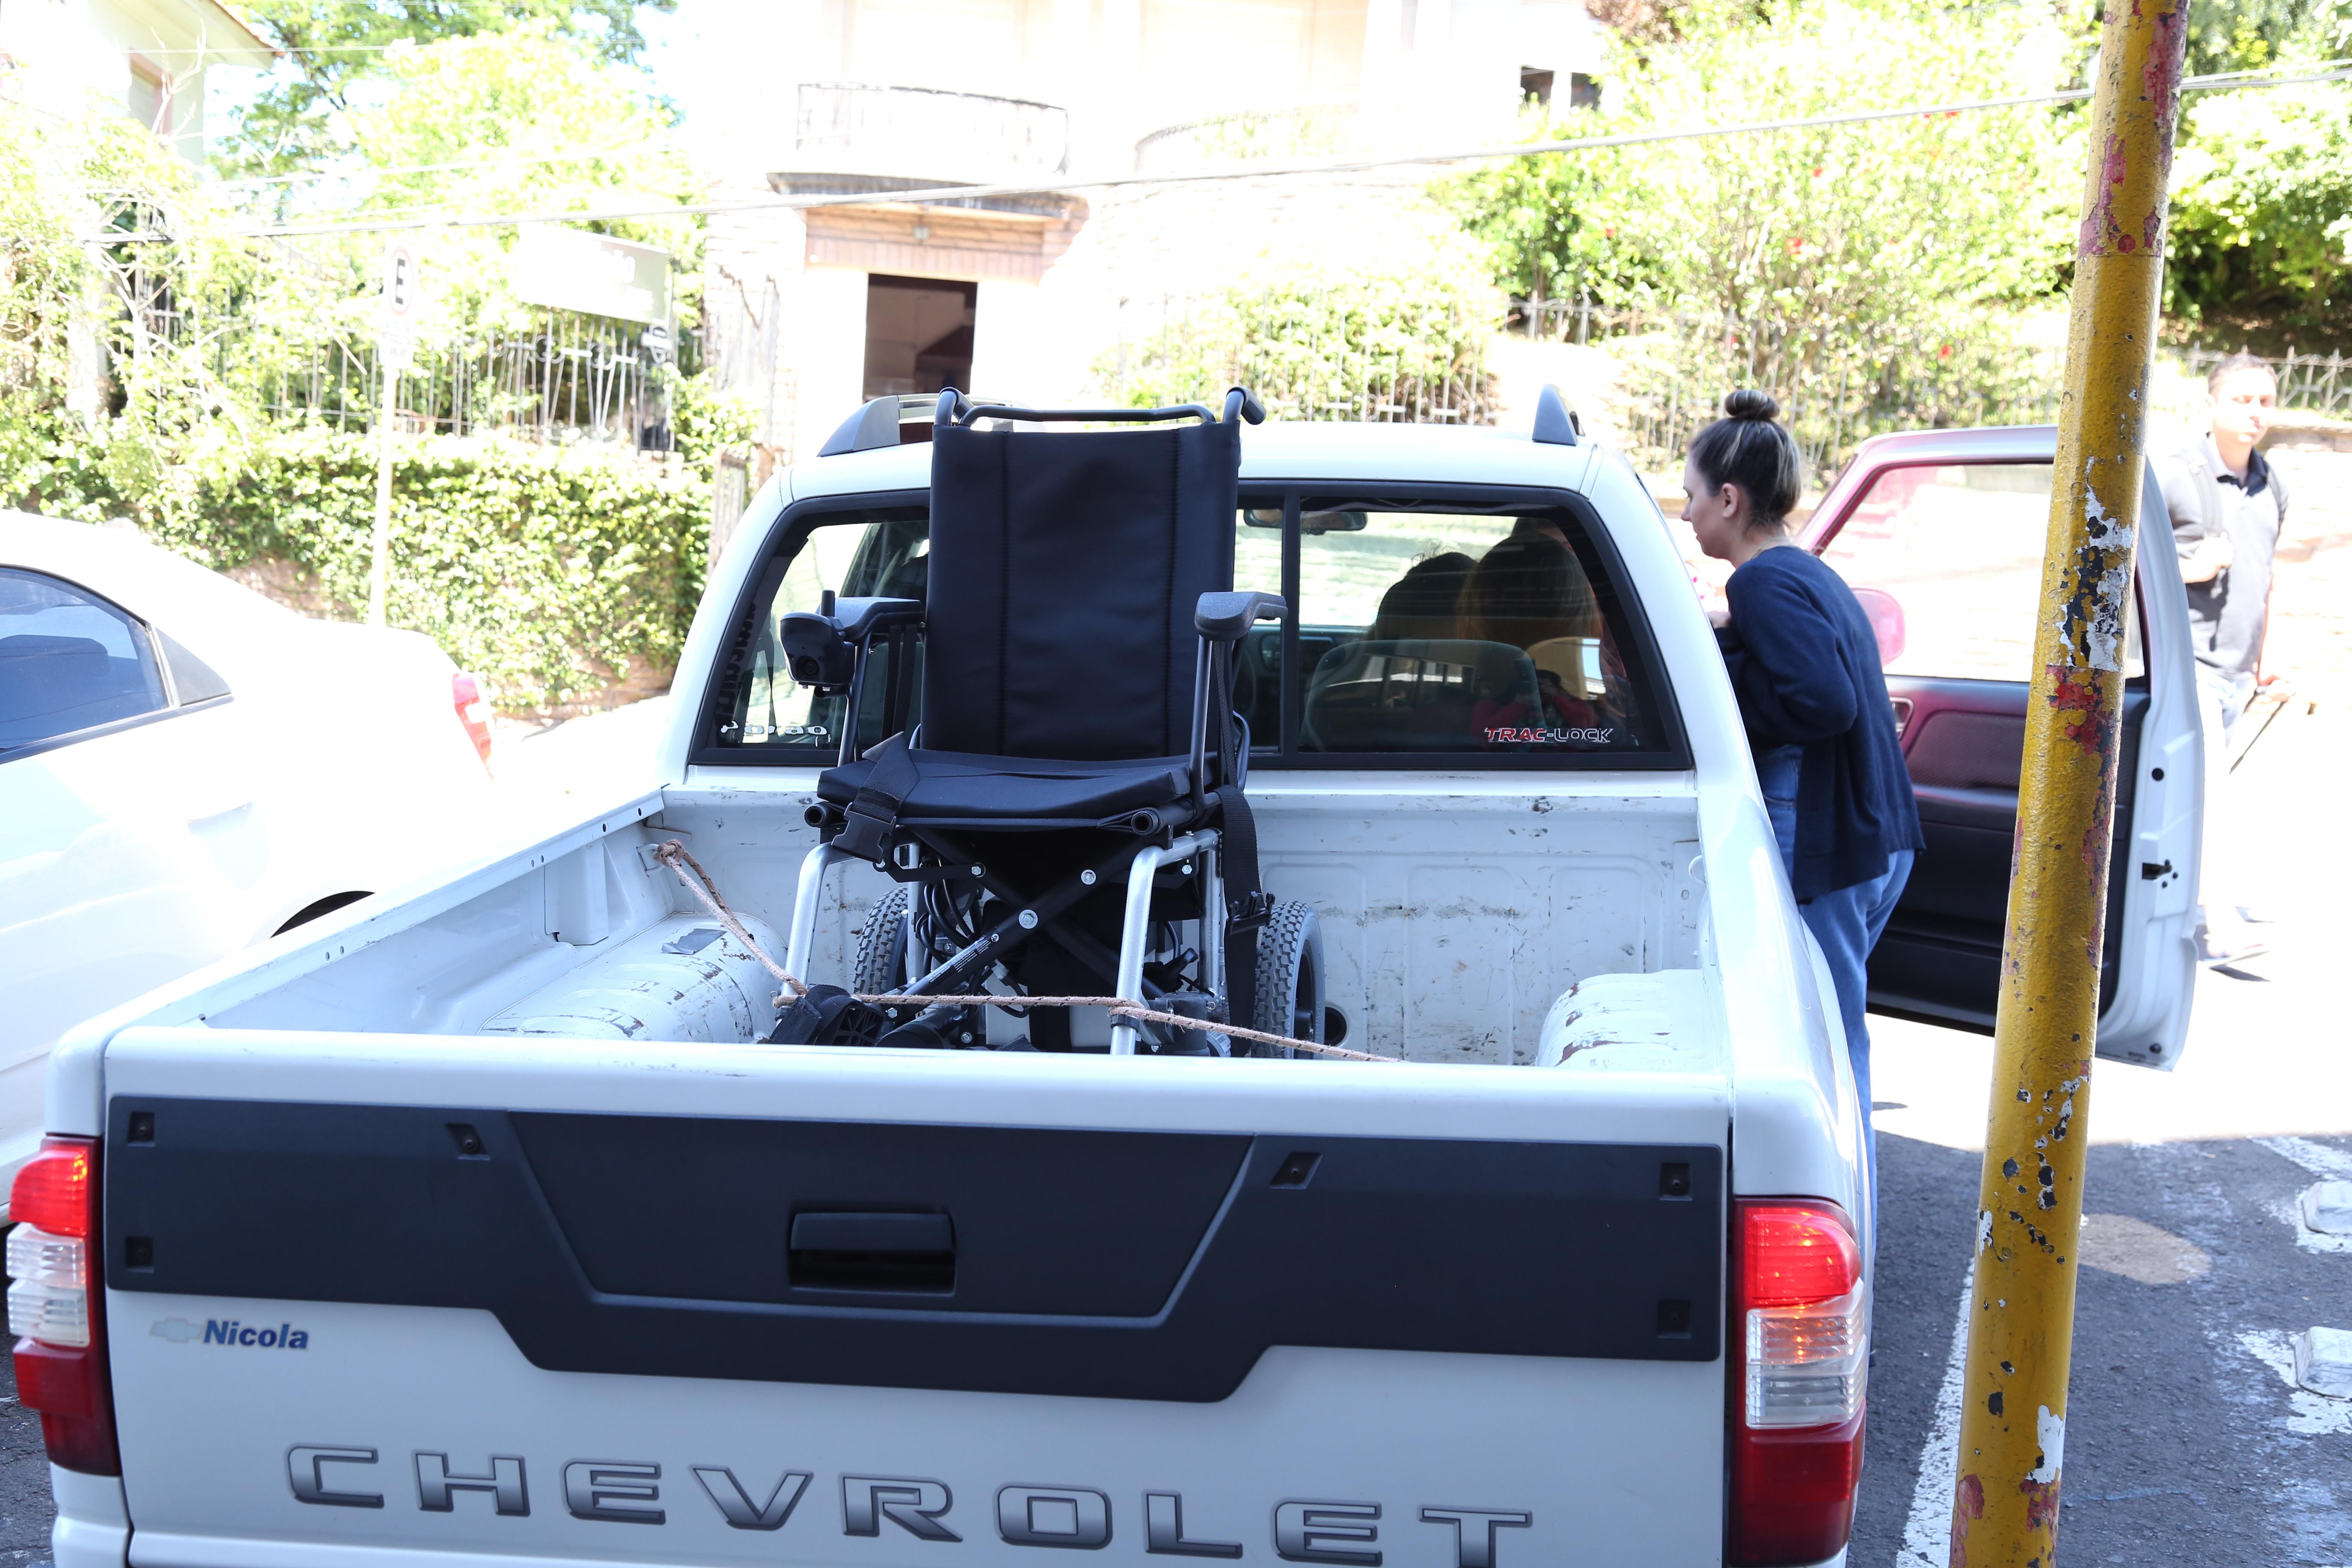 Camionete branca. Cadeira de rodas sob a caçamba.